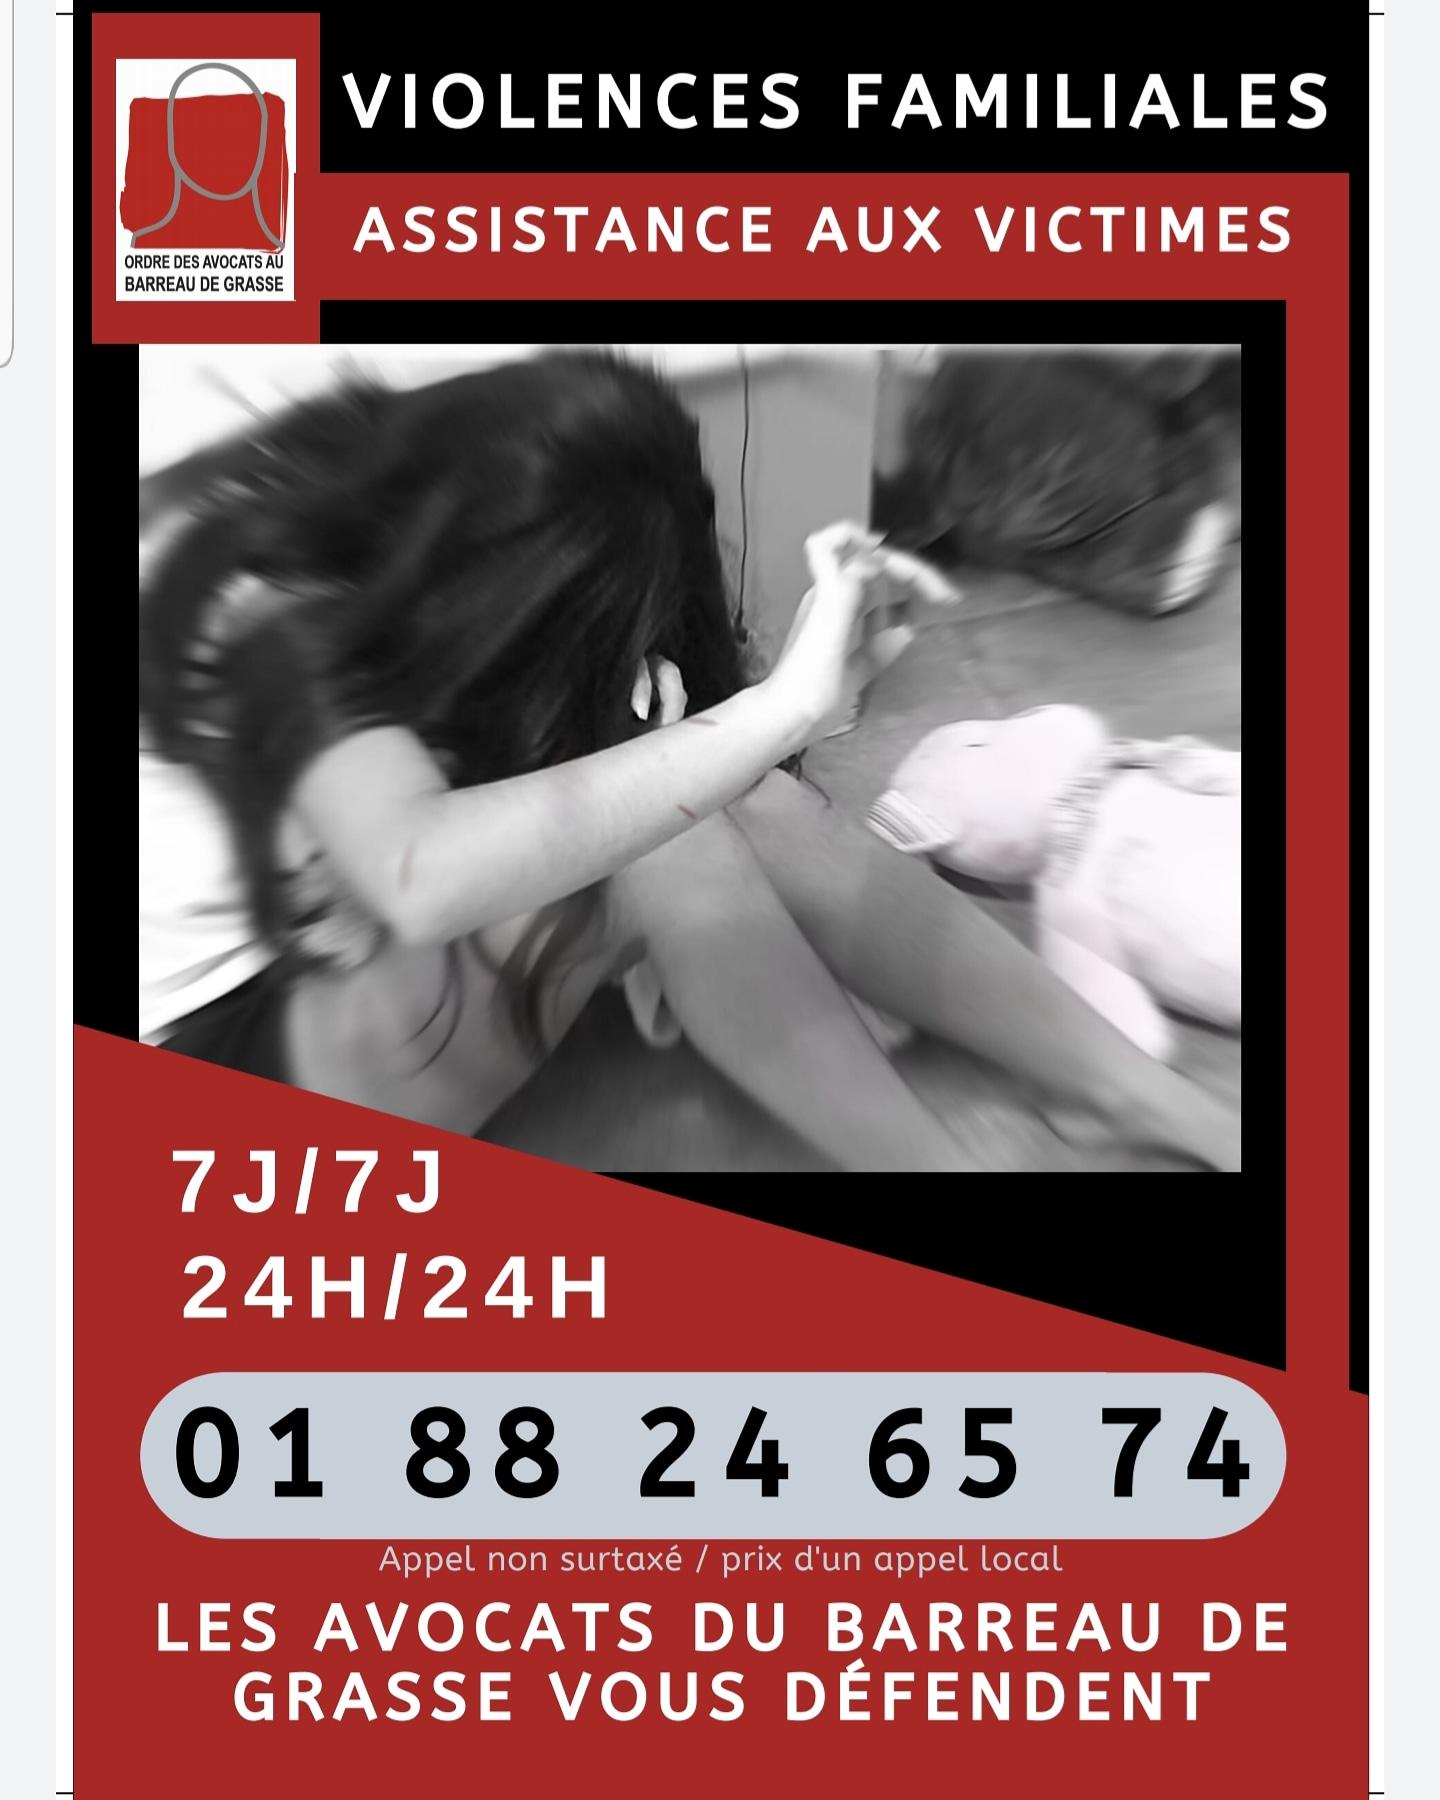 ASSISTANCE AUX VICTIMES VIOLENCES FAMILIALES